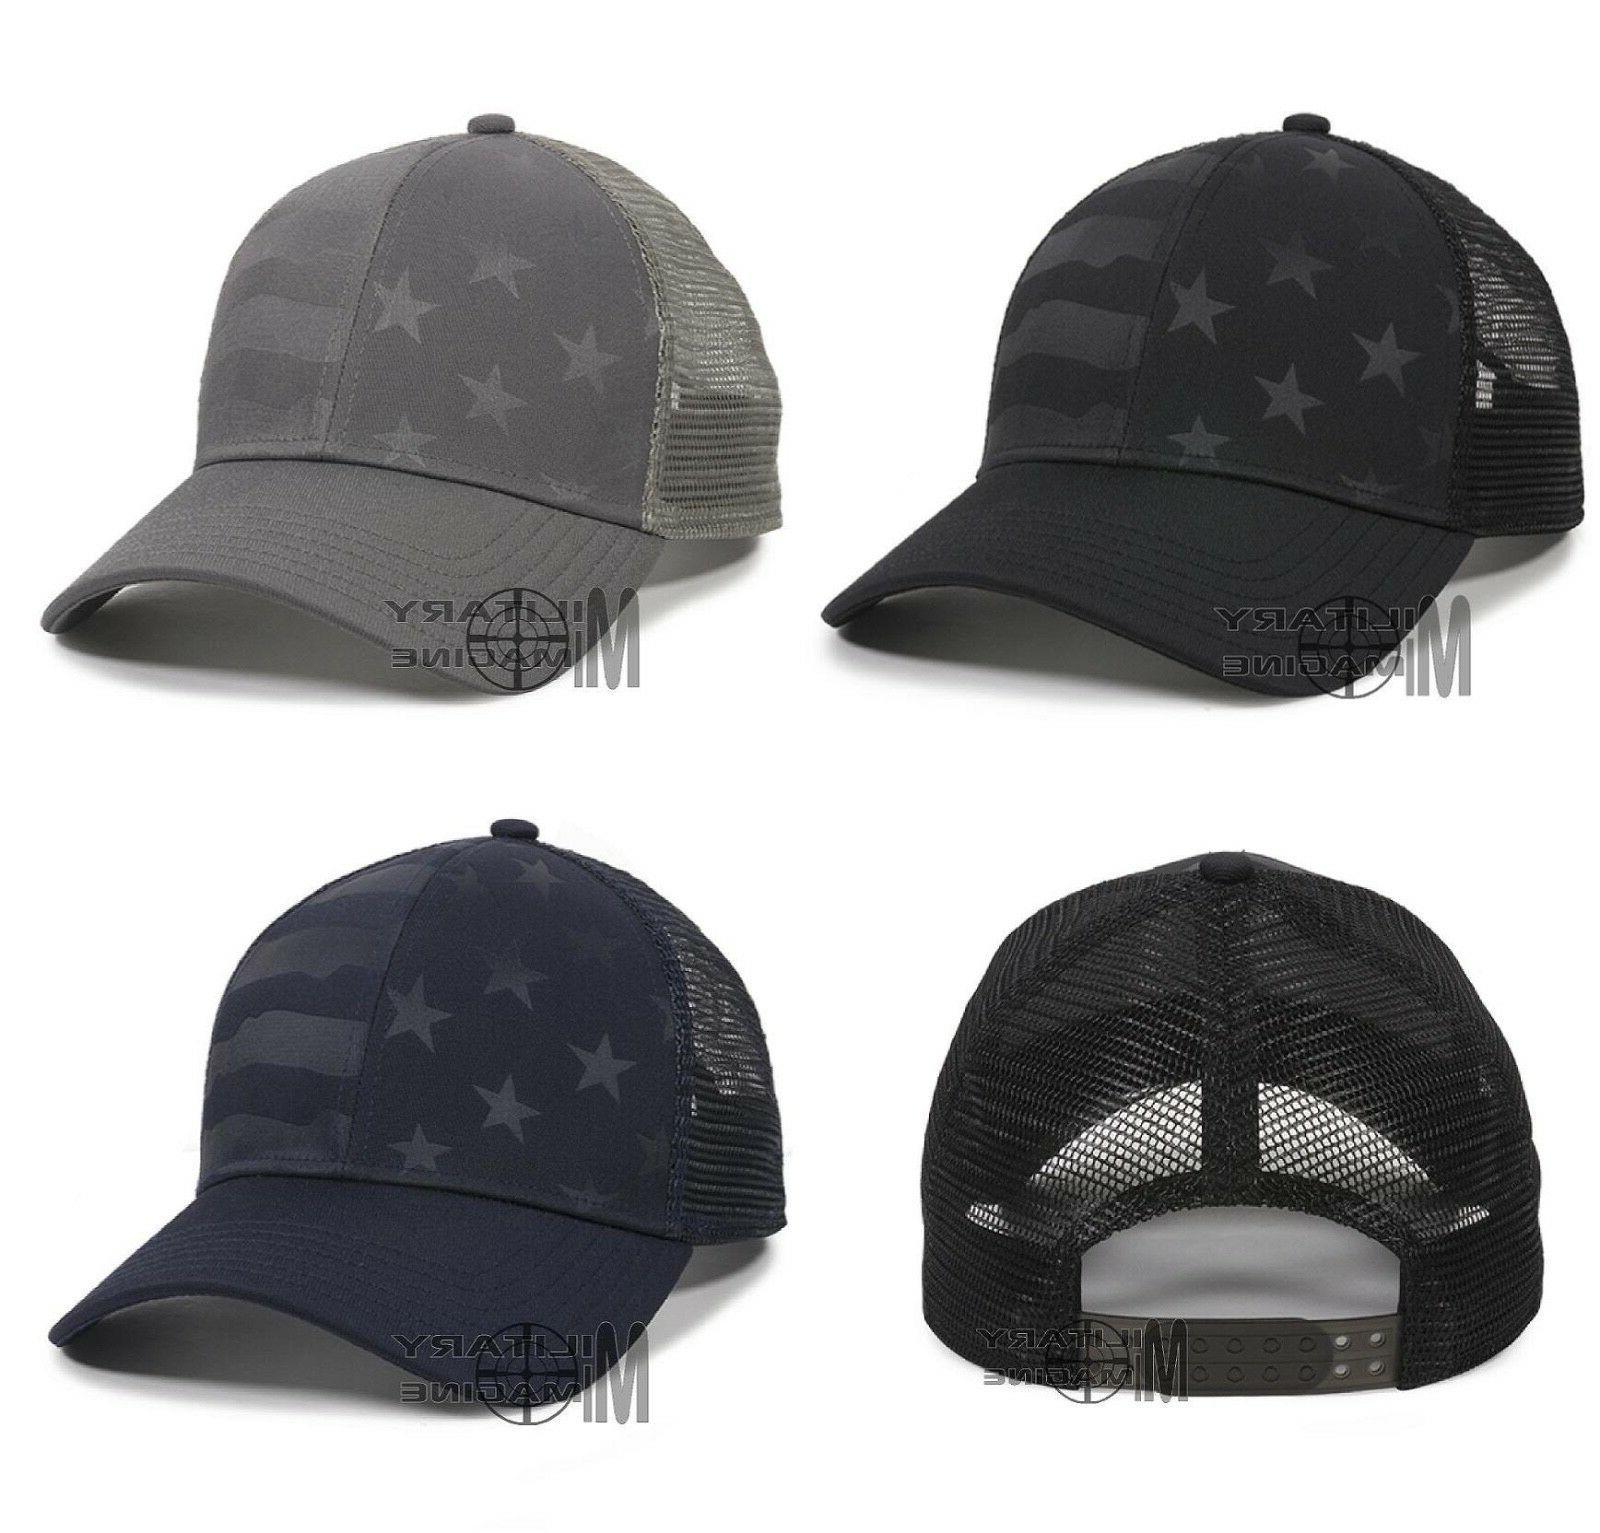 usa flag hat trucker nylon mesh back